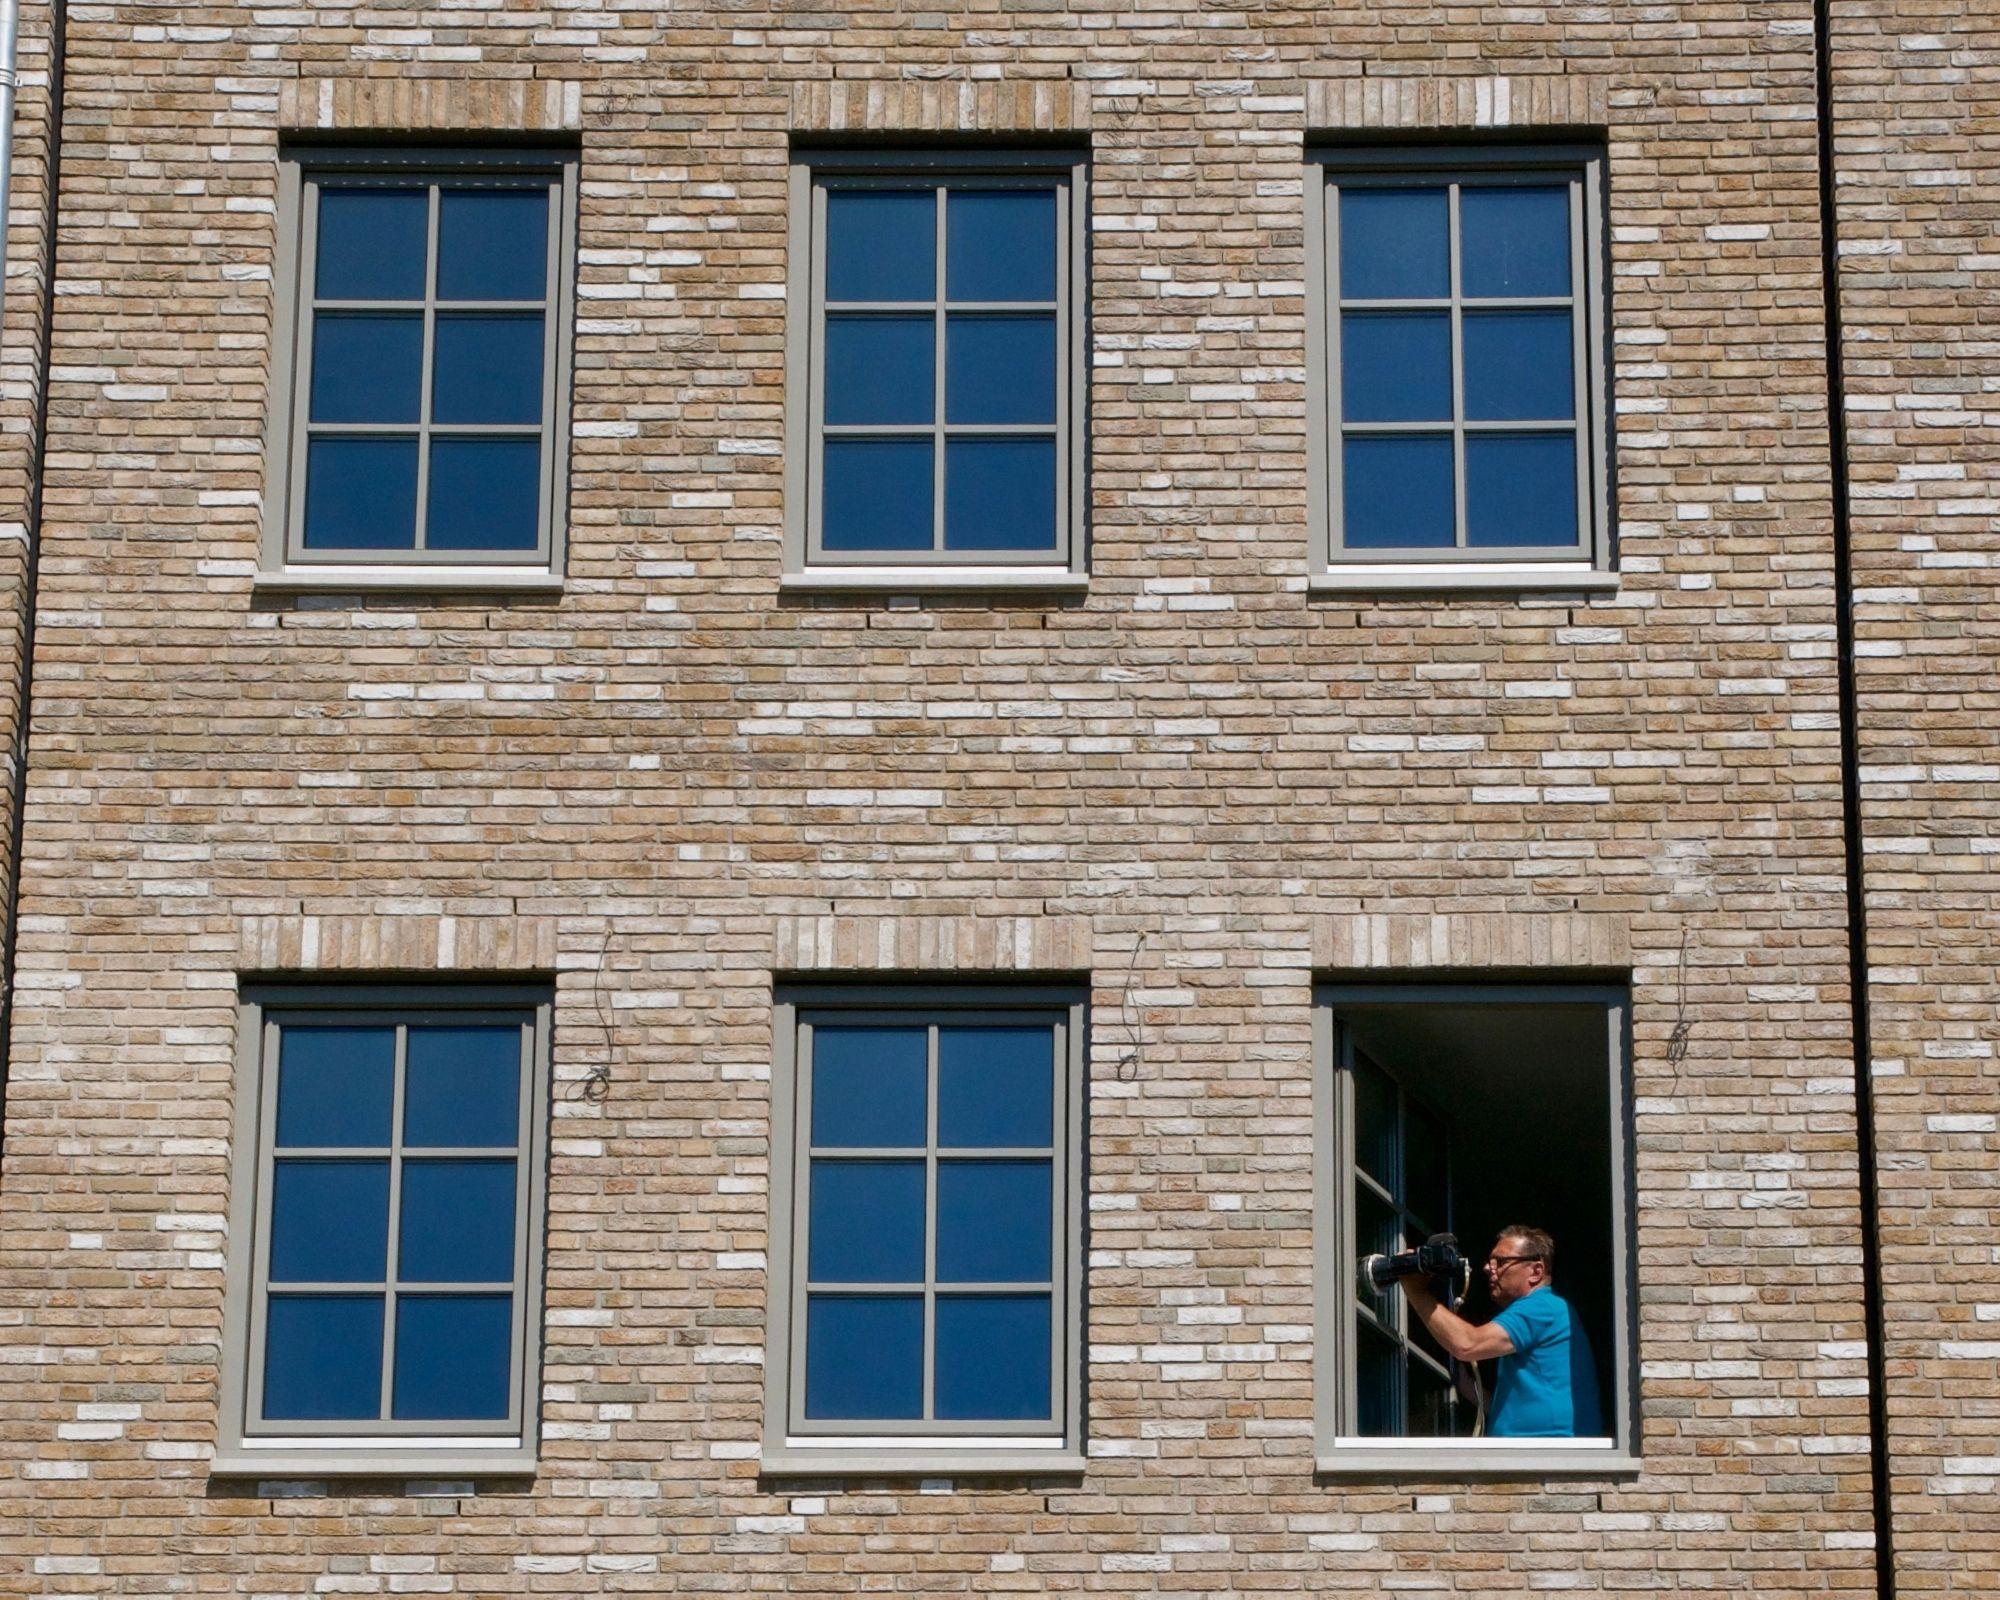 Glaspoetser aan het glas polijsten op raam